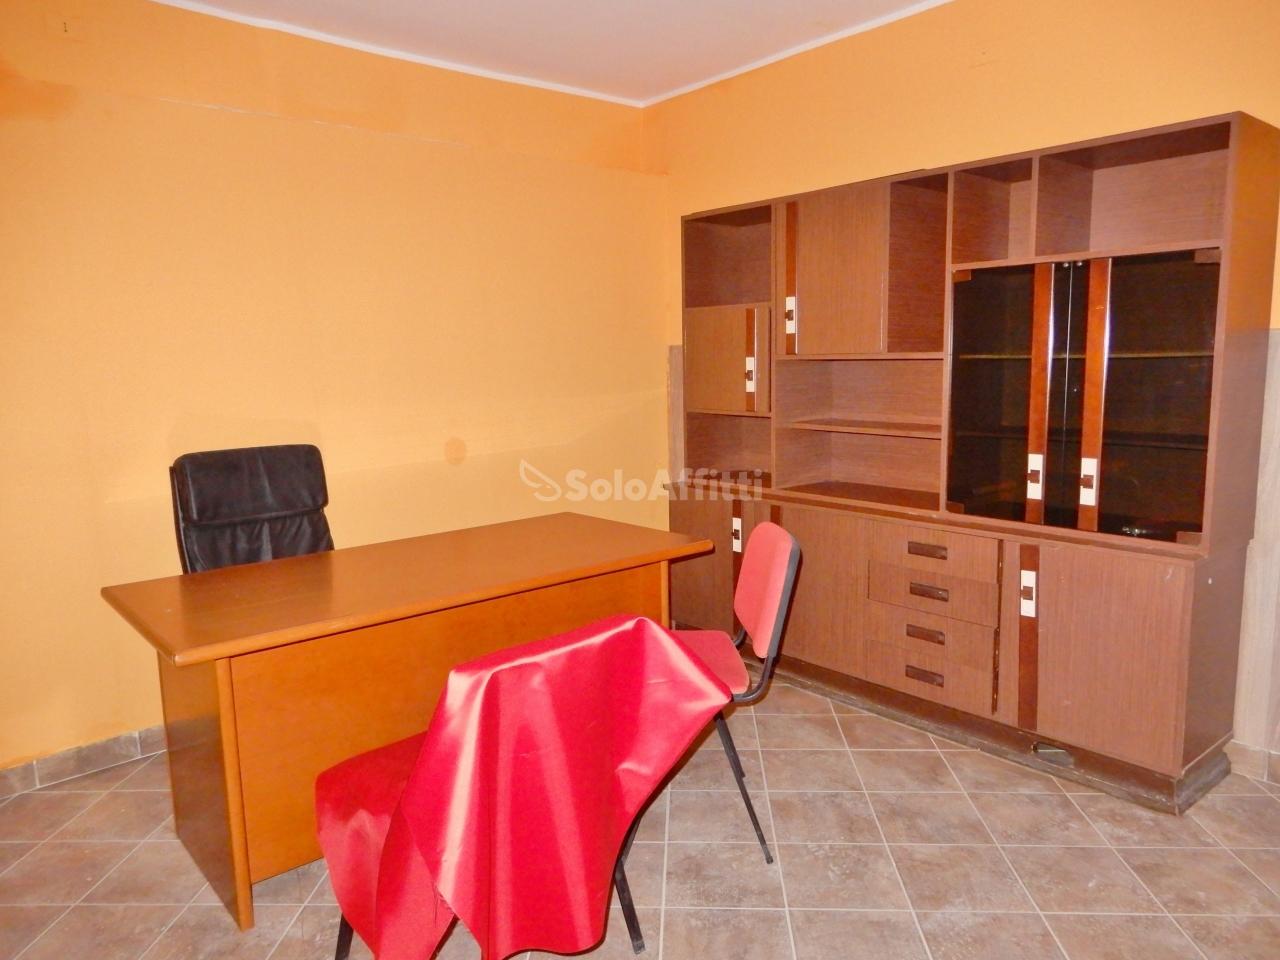 Ufficio - 1 locale a Centro storico, Catanzaro Rif. 10015133